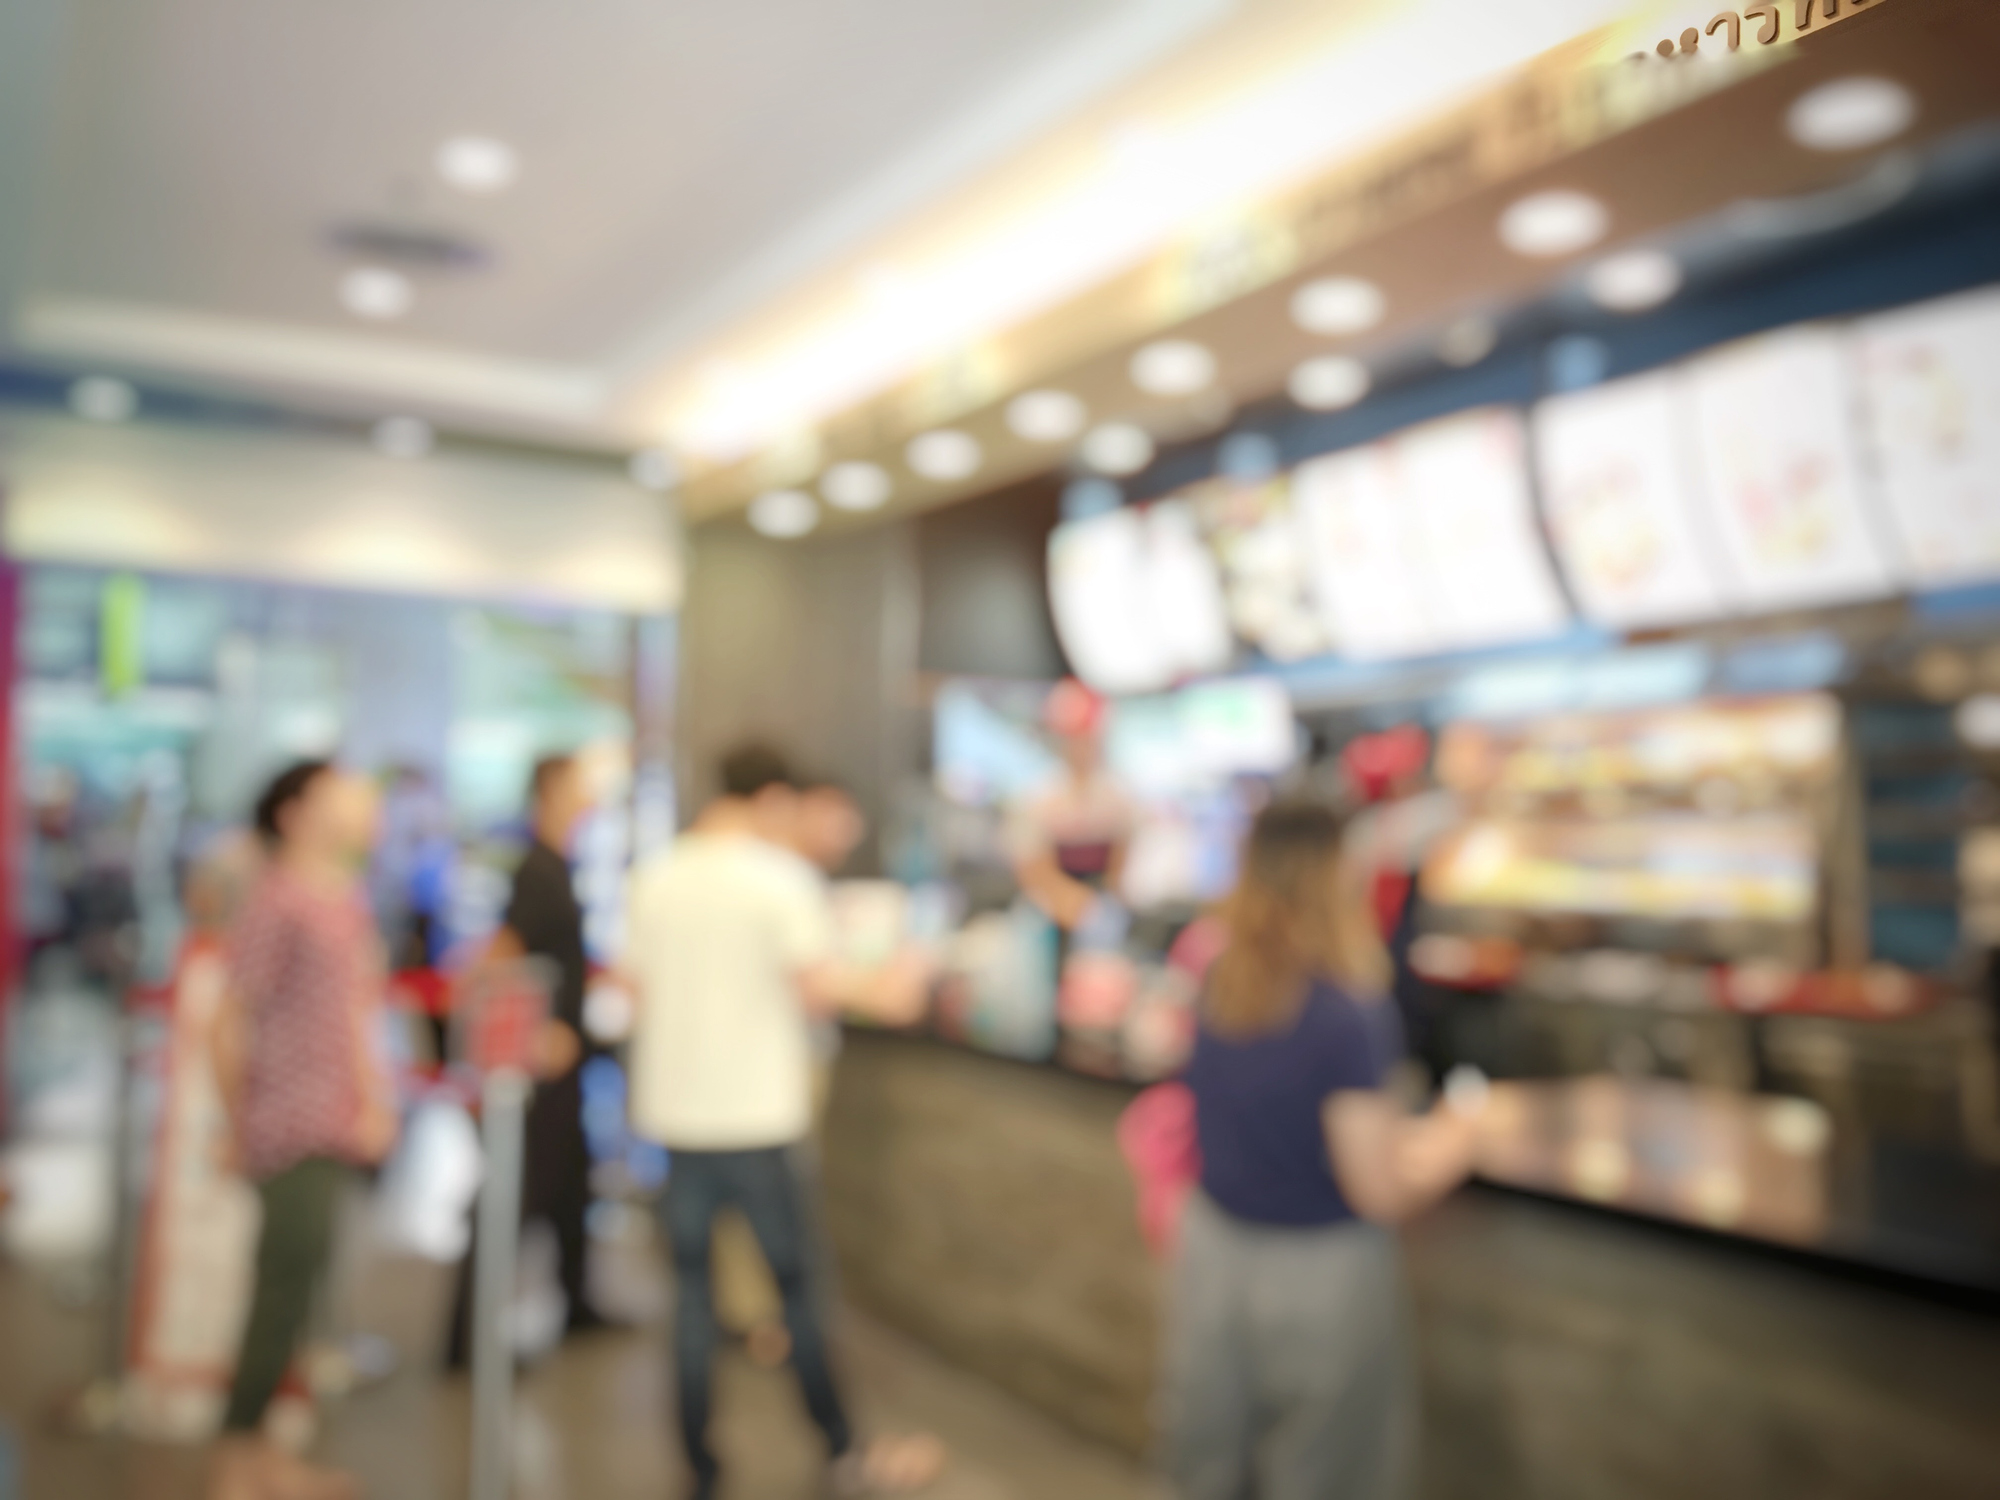 Starbucks, Dunkin' Donuts